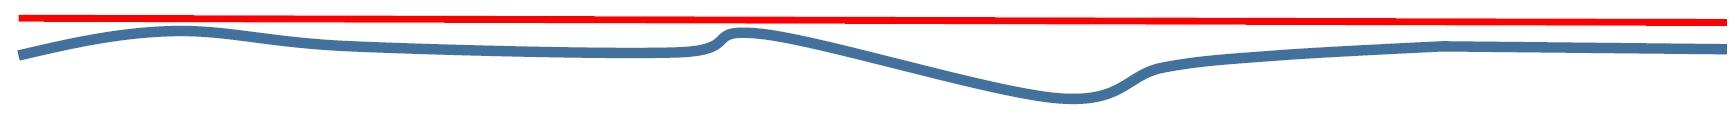 面がしっかり指定なくて隙間がある場合のガスケットが入る場所の模式図